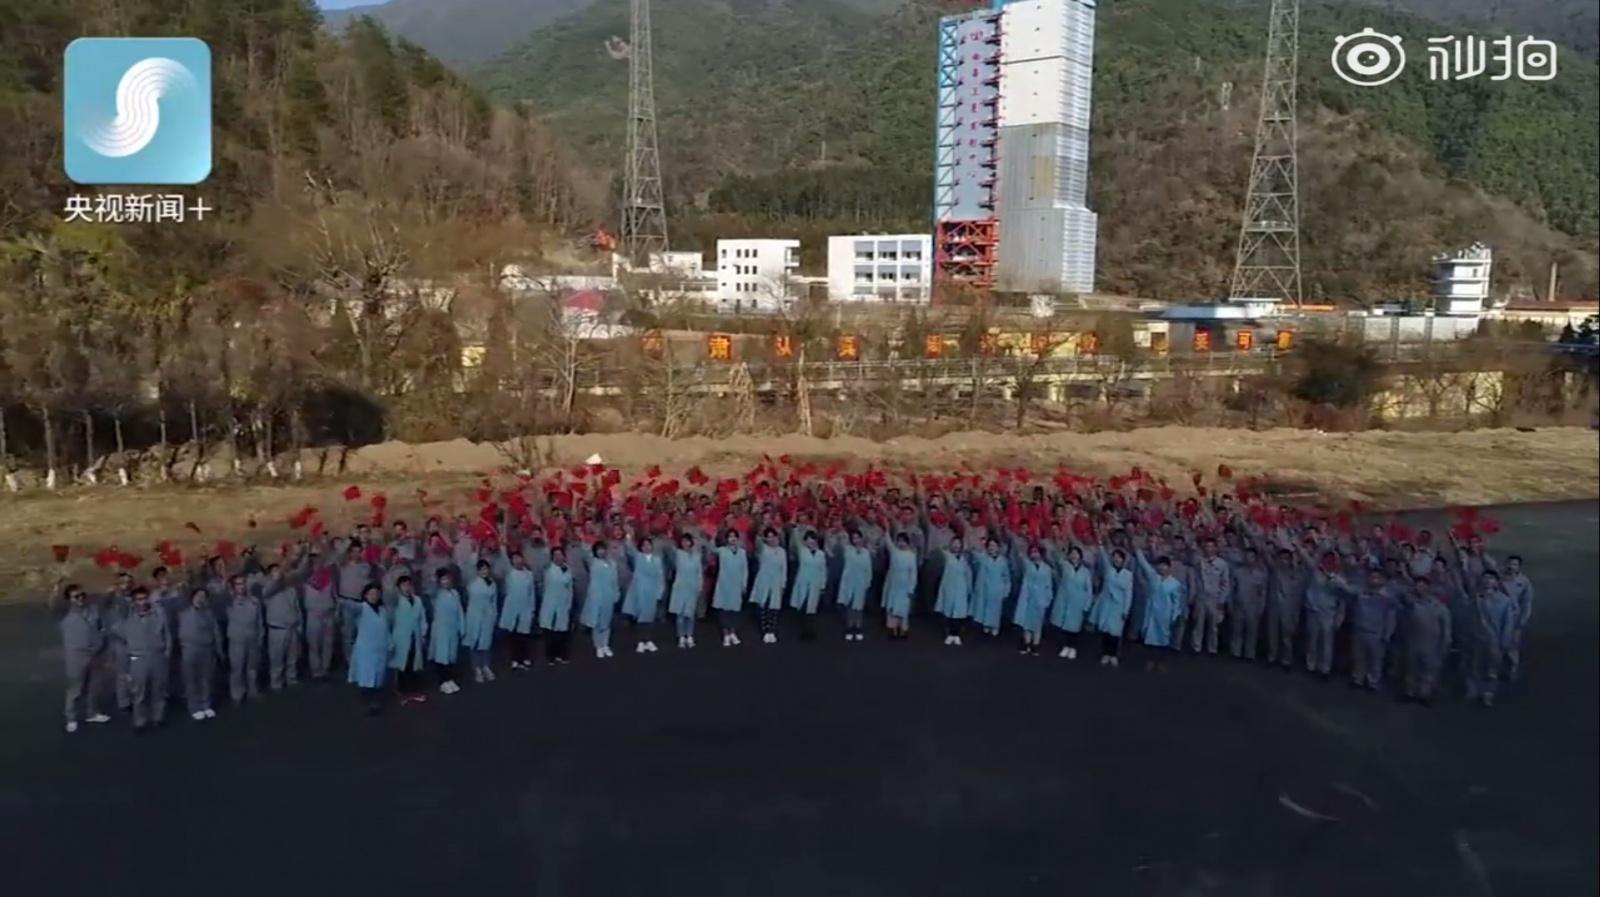 Суровая рабочая реальность — Китайский космодром Сичан (Xichang Satellite Launch Center — XSLC) - 95